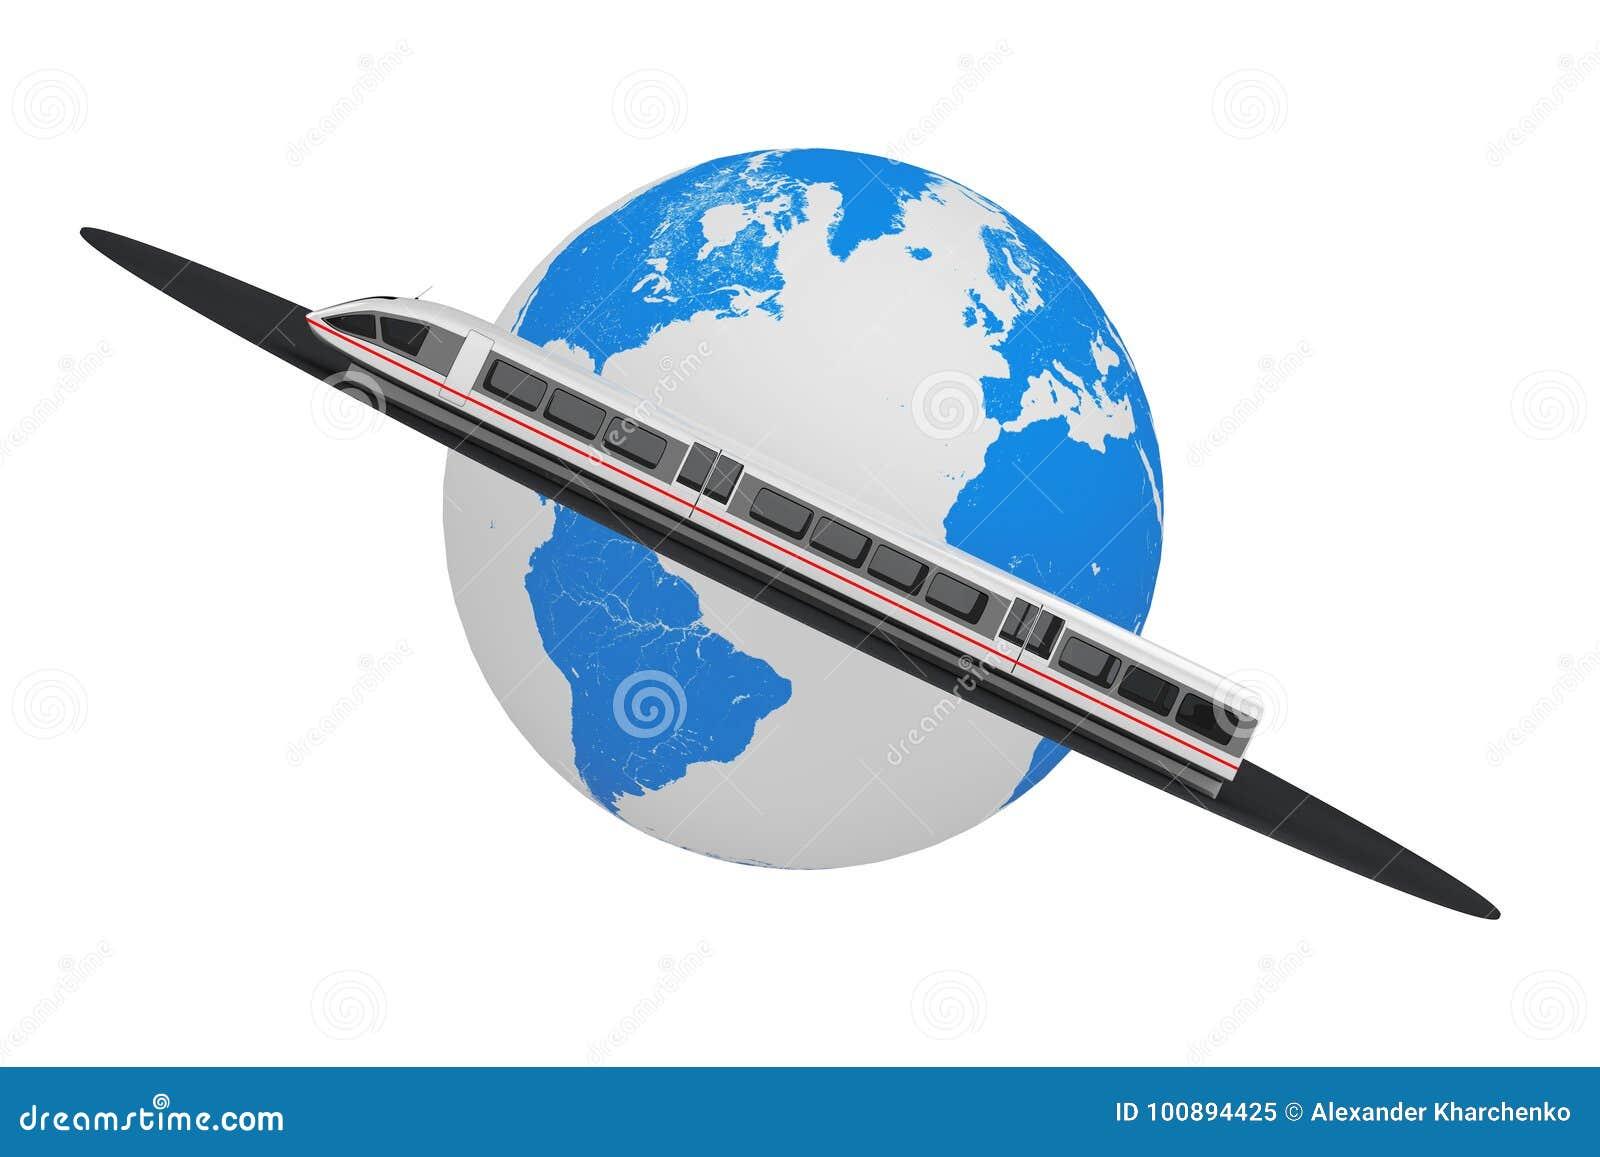 Tren de cercanías futurista de alta velocidad estupendo sobre el